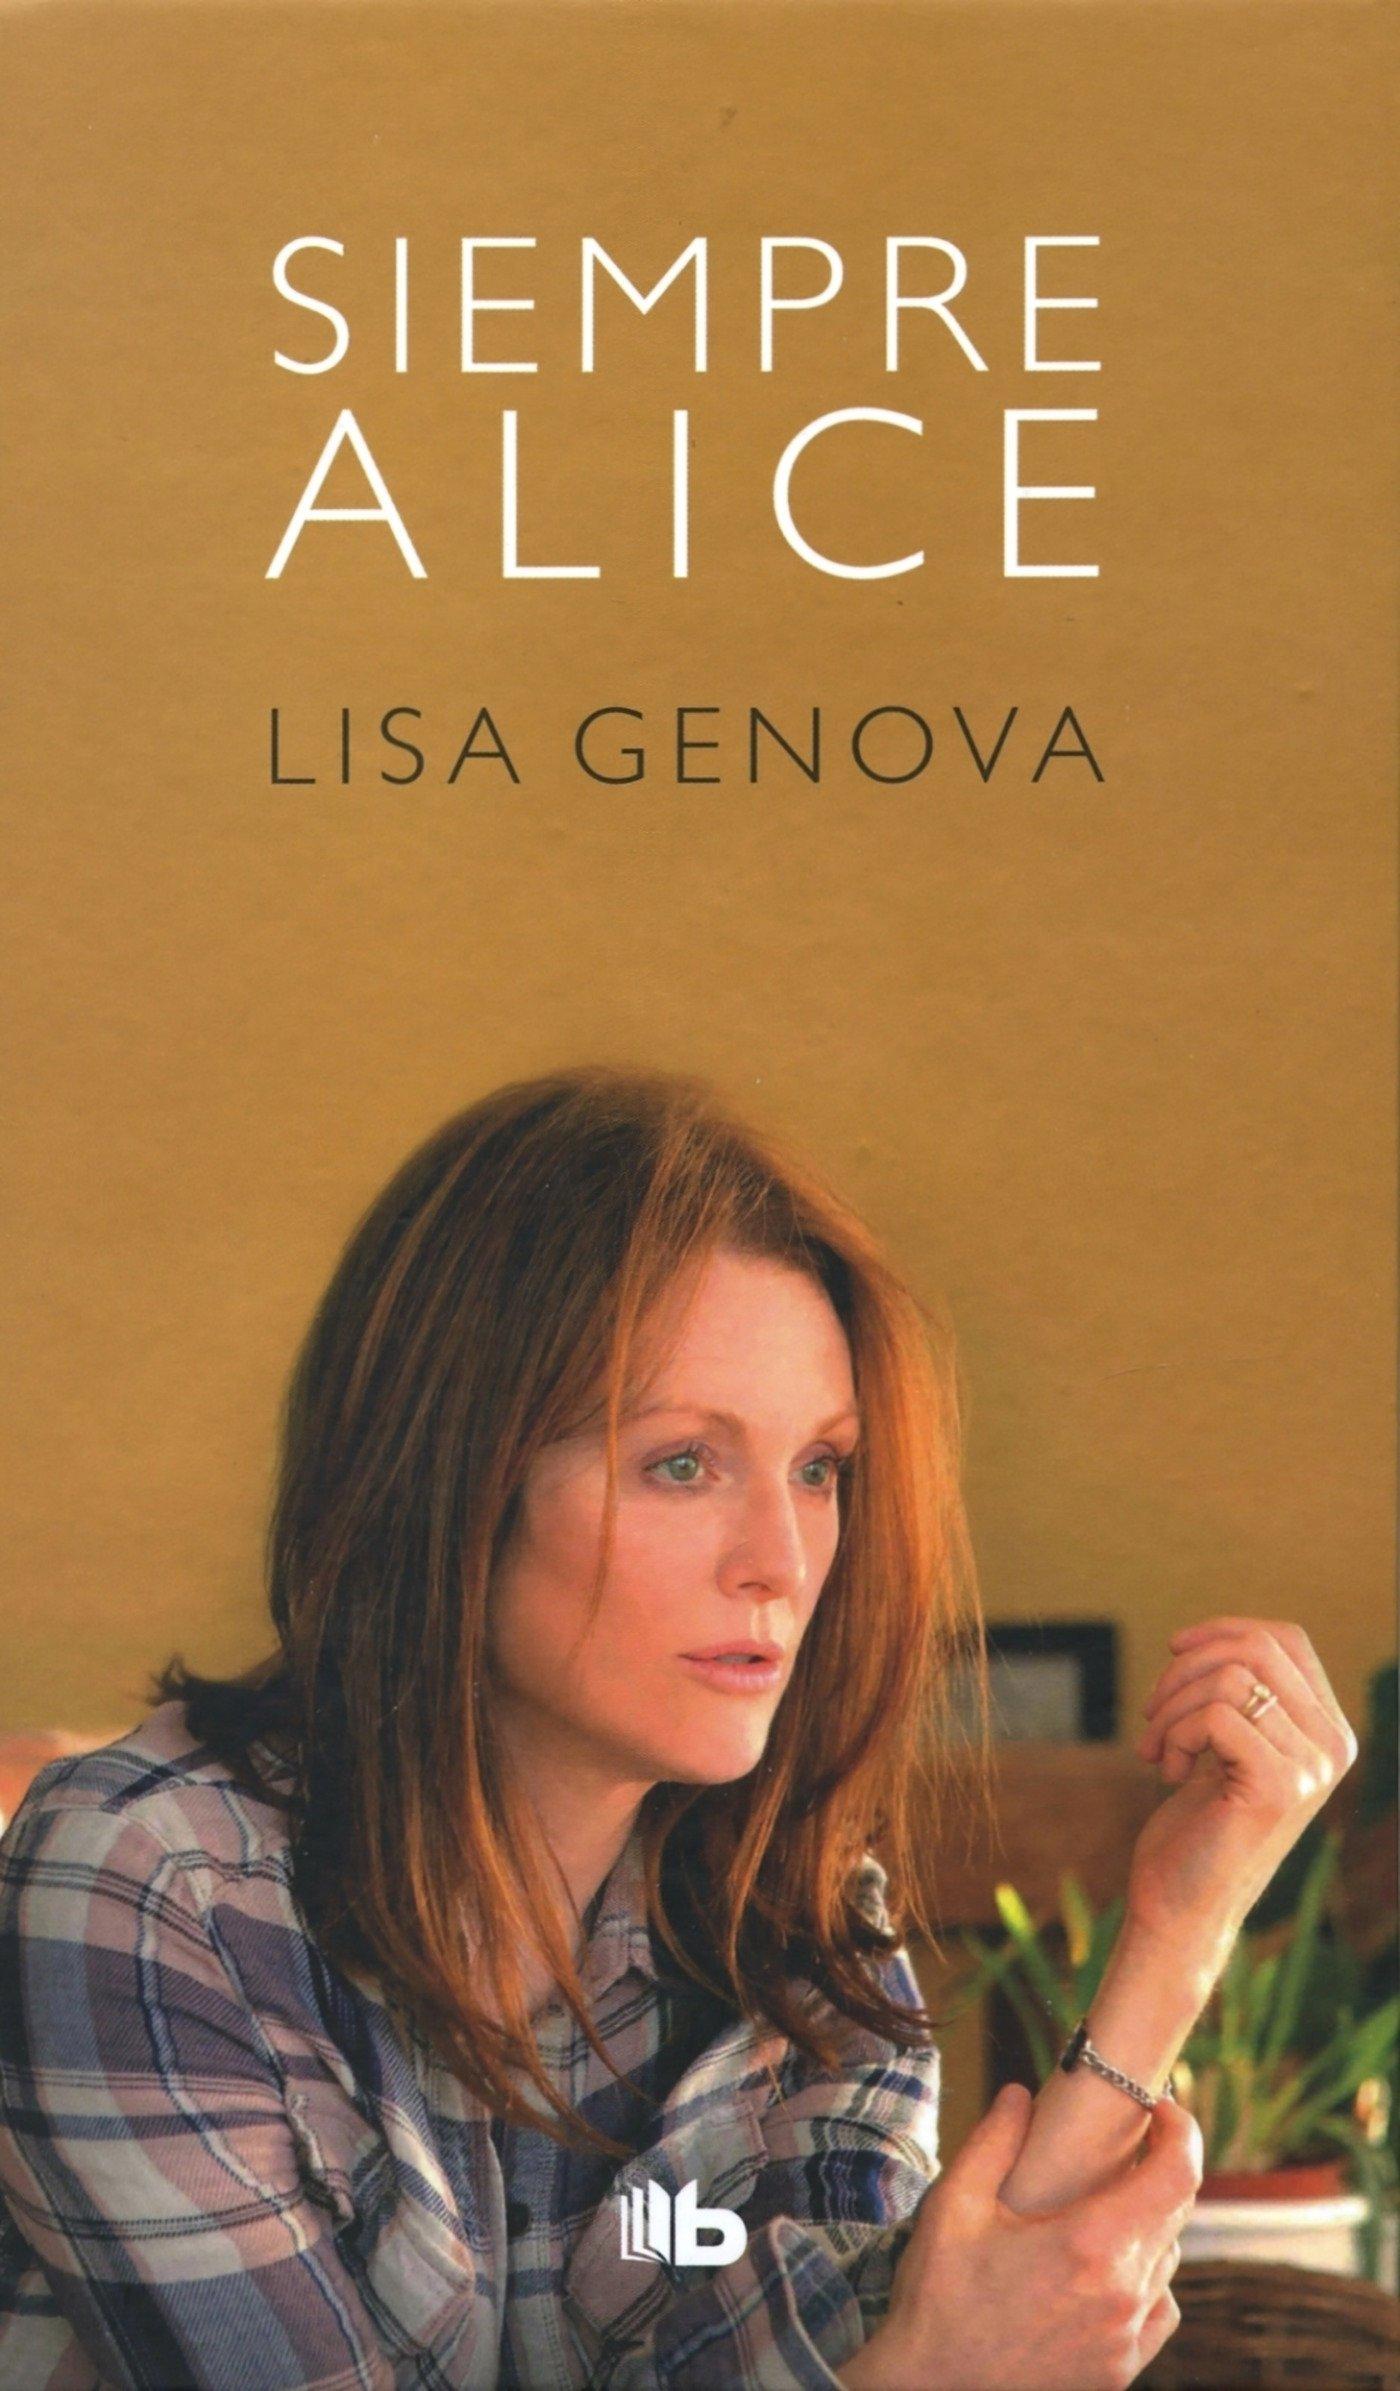 Siempre Alice / Still Alice (Spanish Edition) PDF